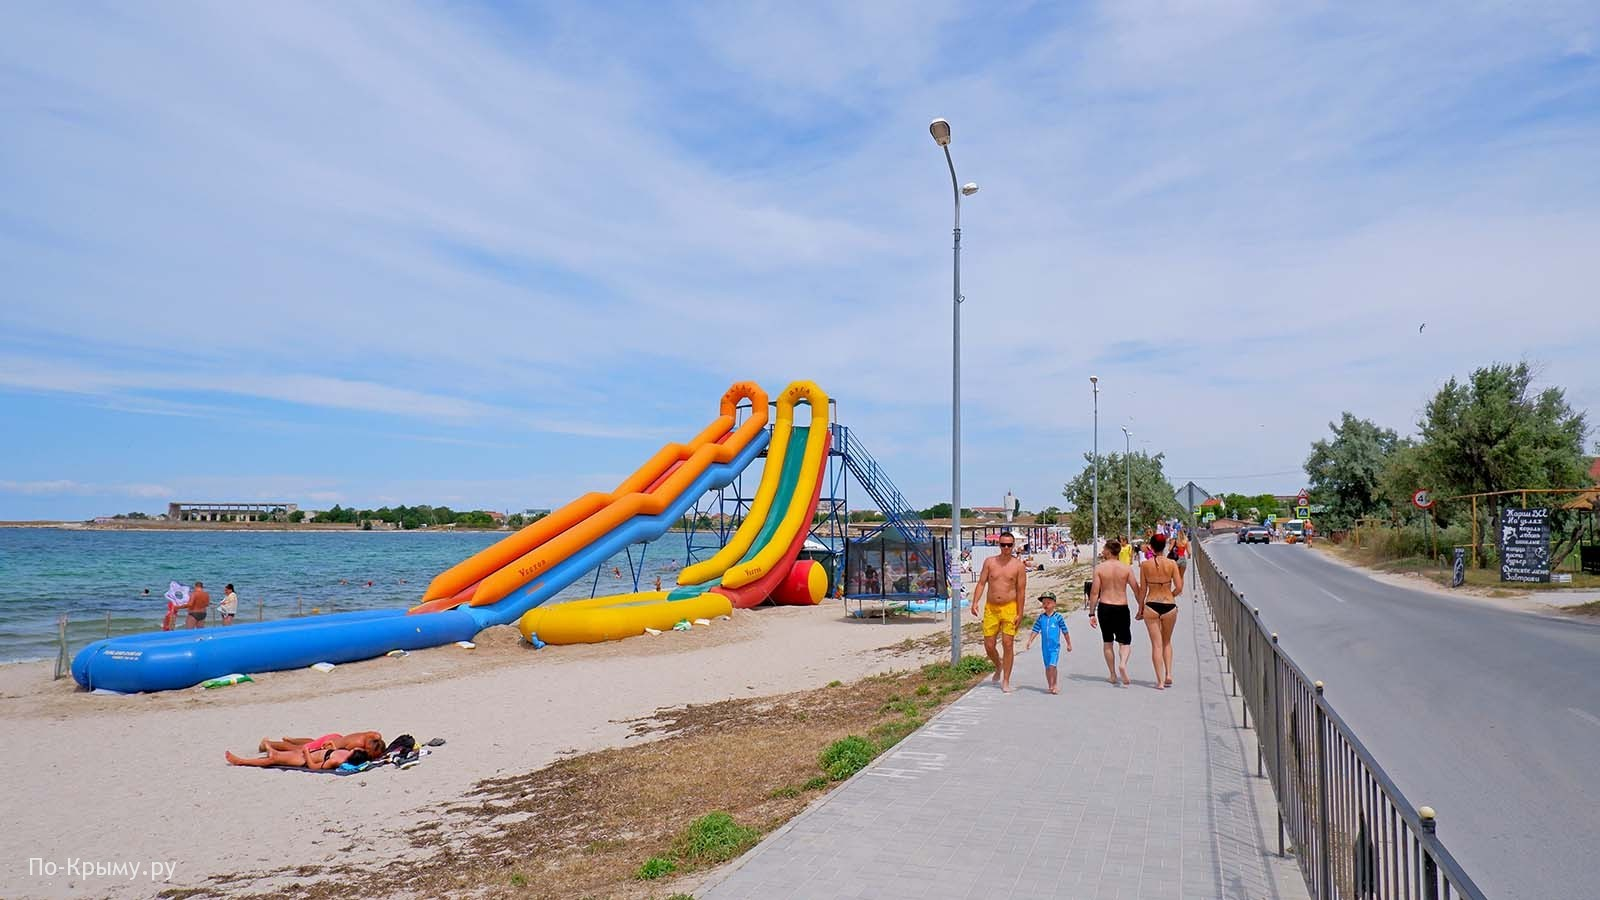 Детский пляж в Черноморском, бухта Узкая